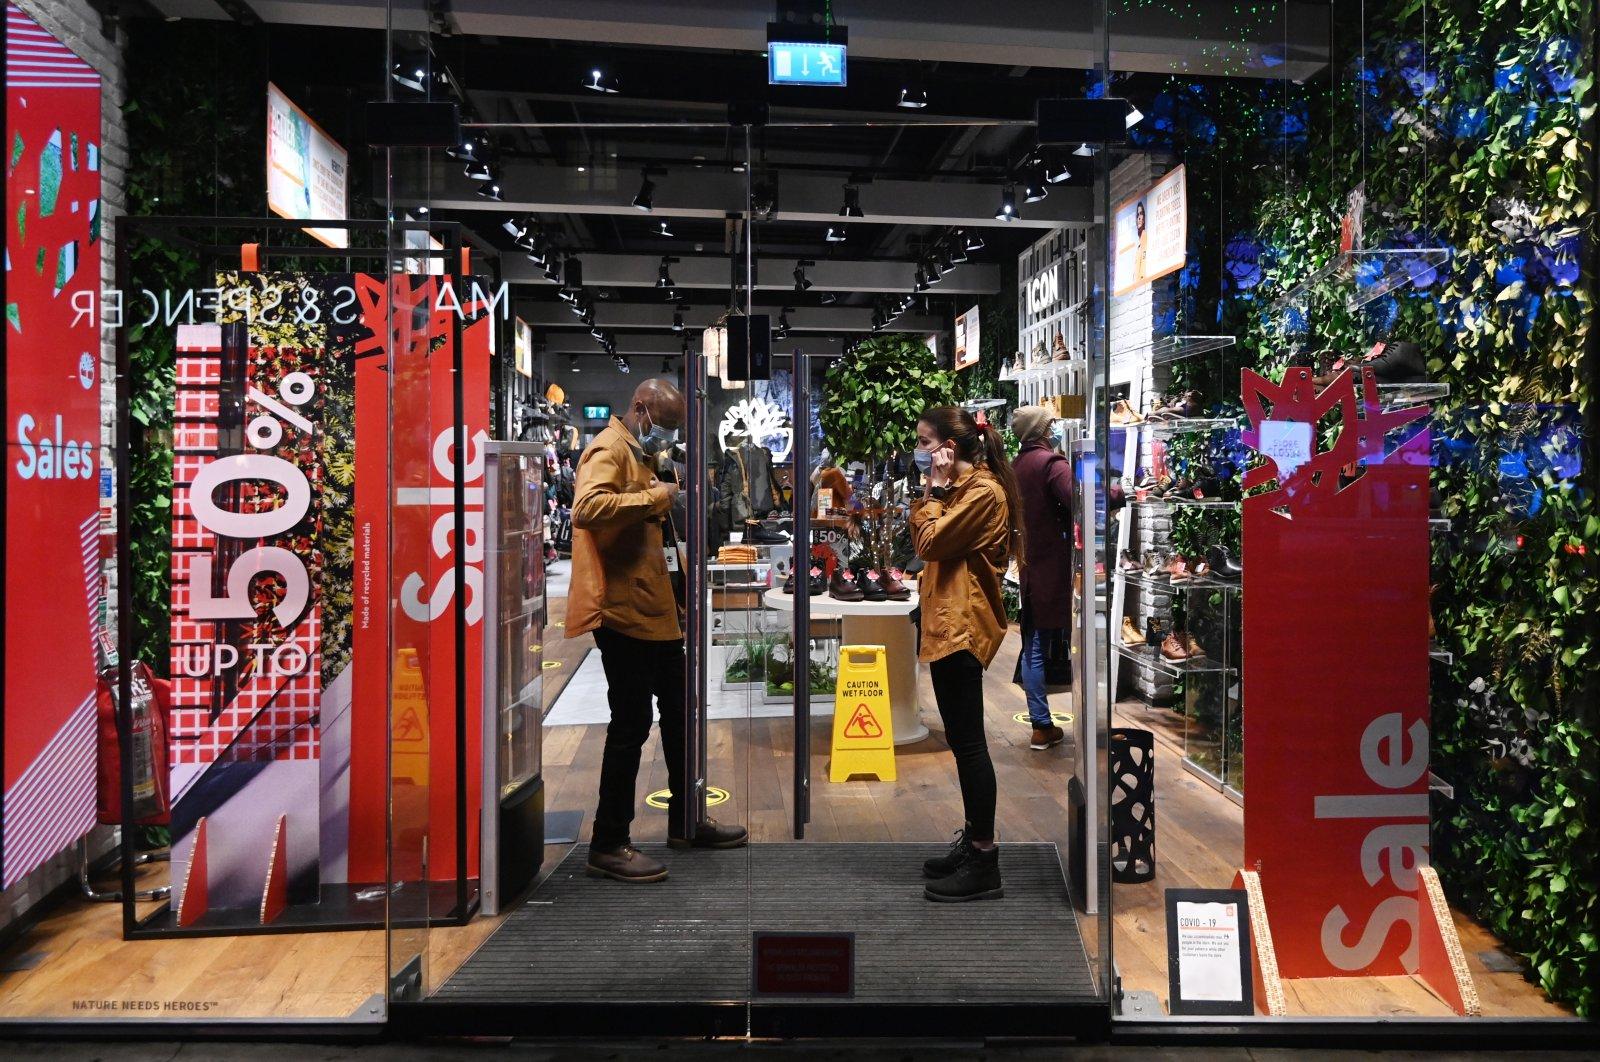 Shoppers on Oxford Street in London, U.K., Dec. 19, 2020. (EPA Photo)